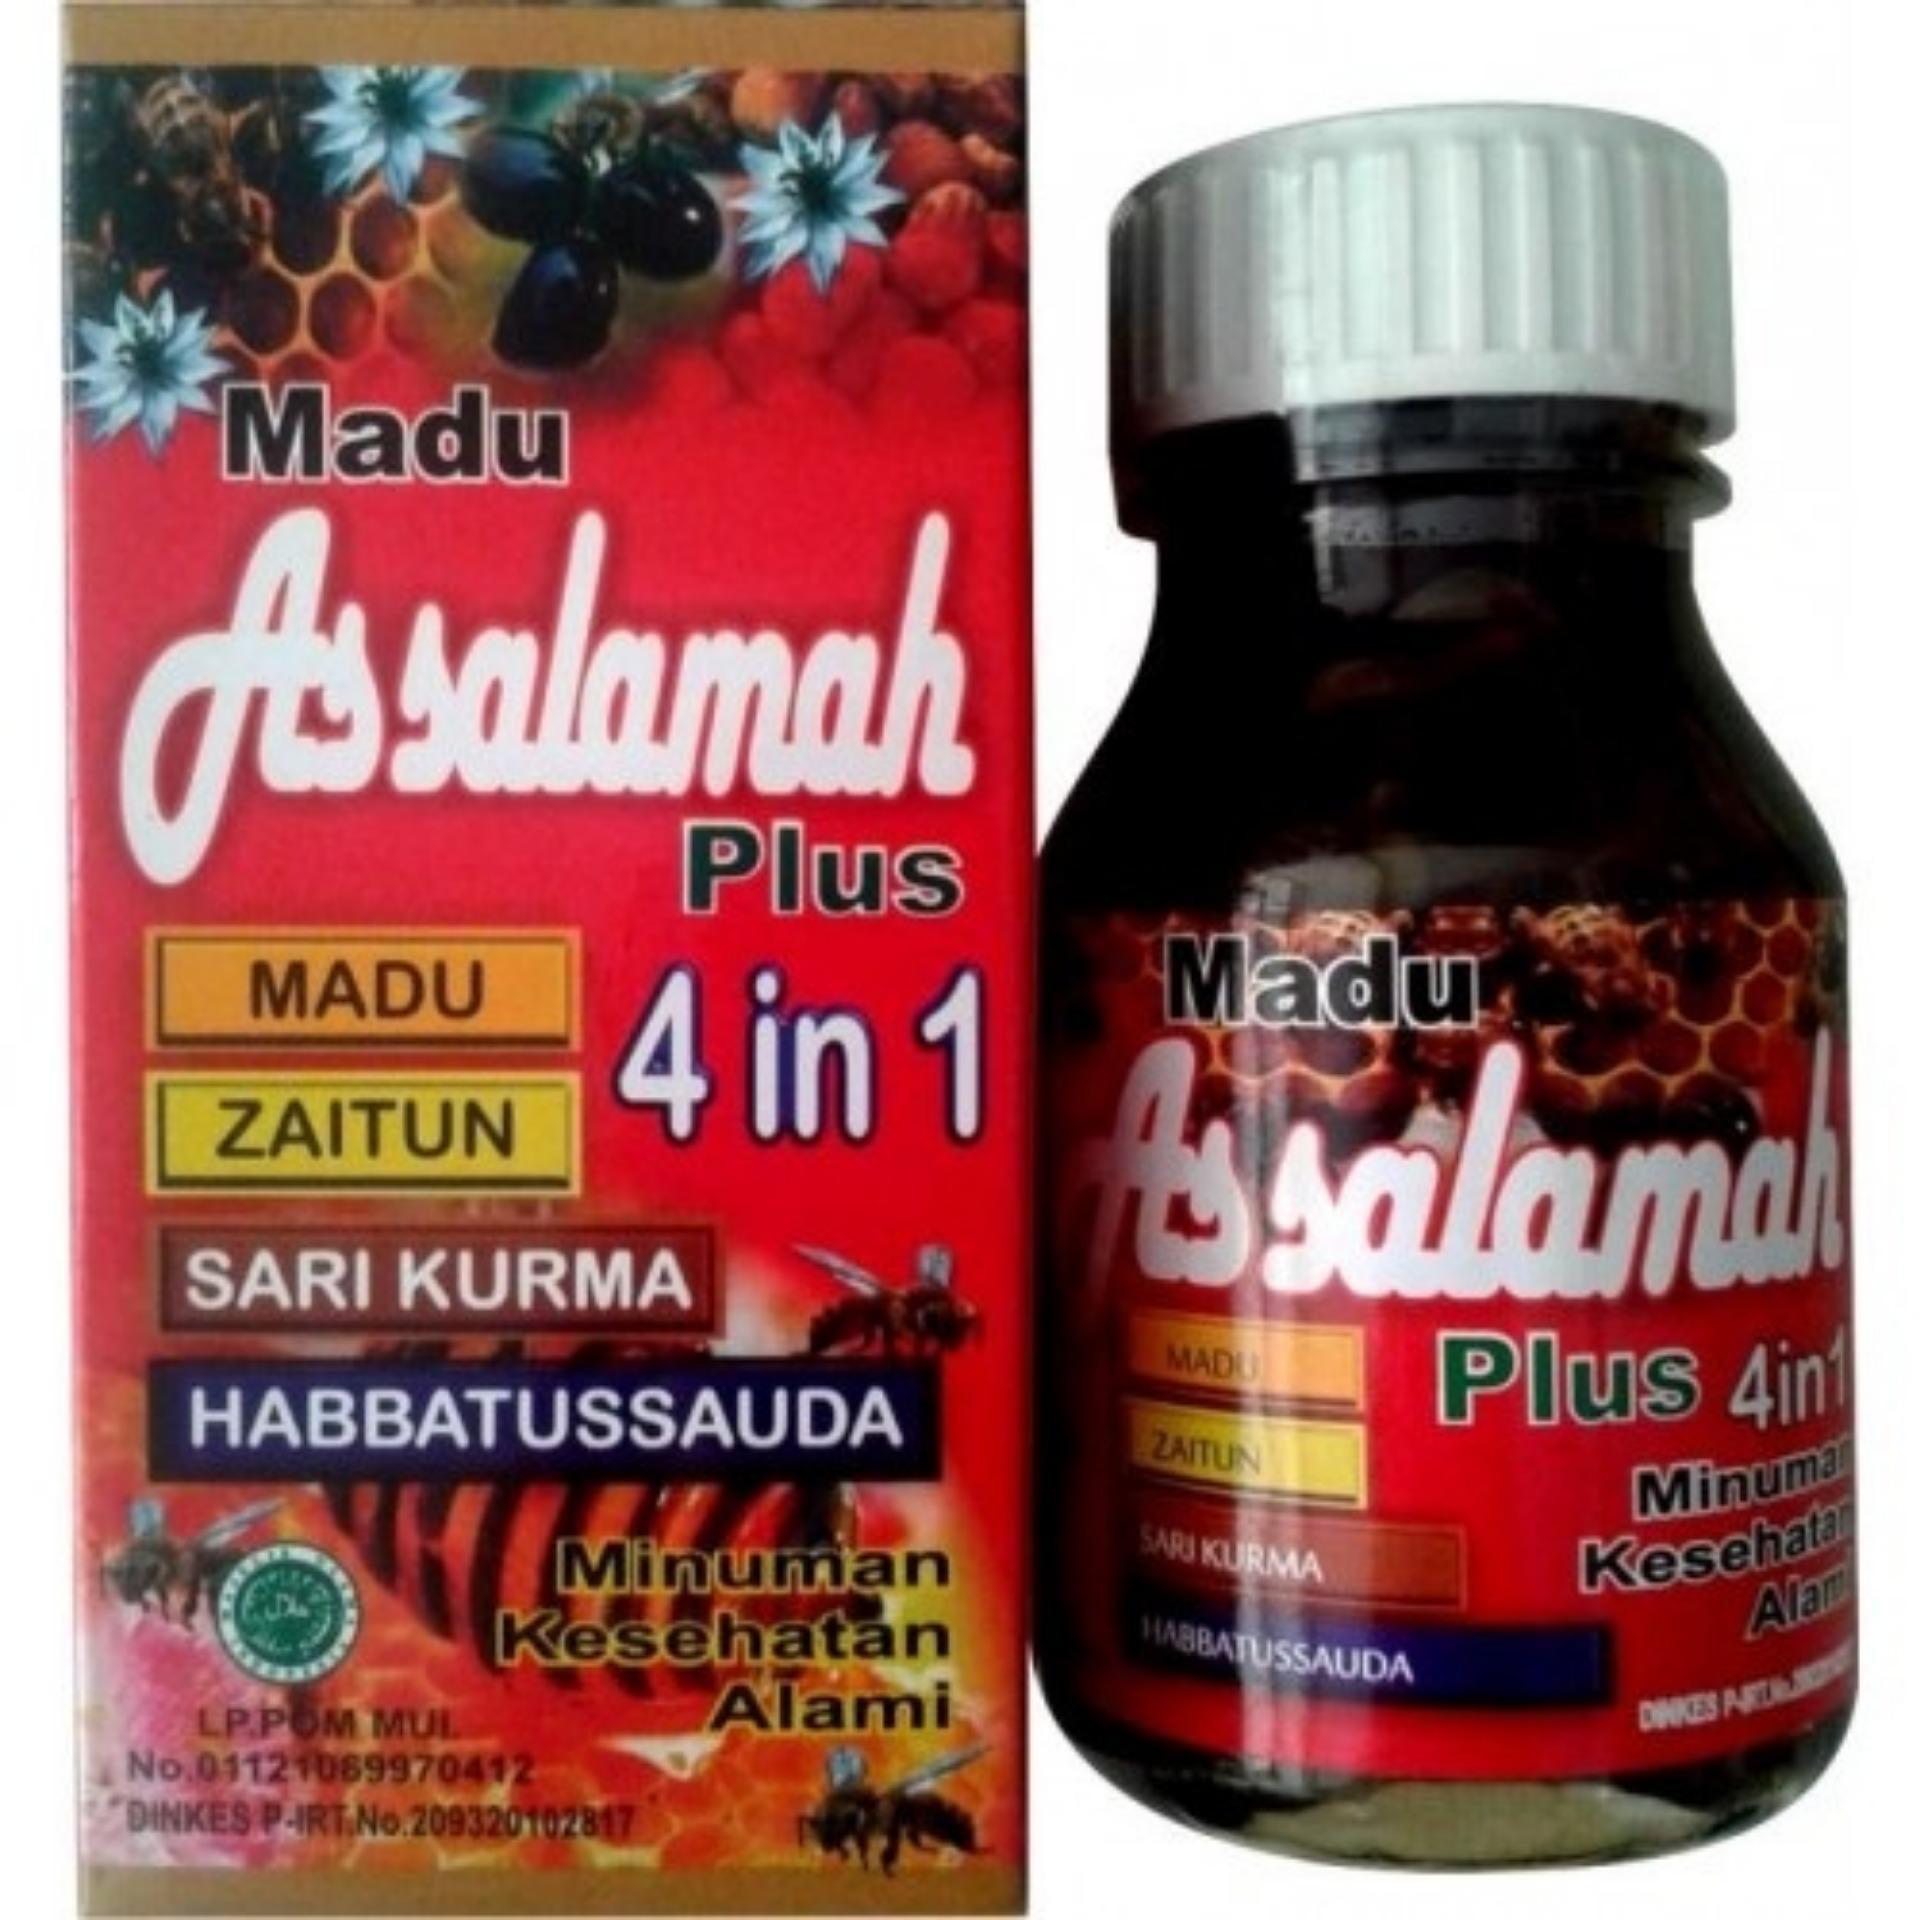 Tawon Liar Plus Propolis 7cb1553f Daftar Harga Terbaru Dan Garlic Sauda Madu As Salamah 4 In 1